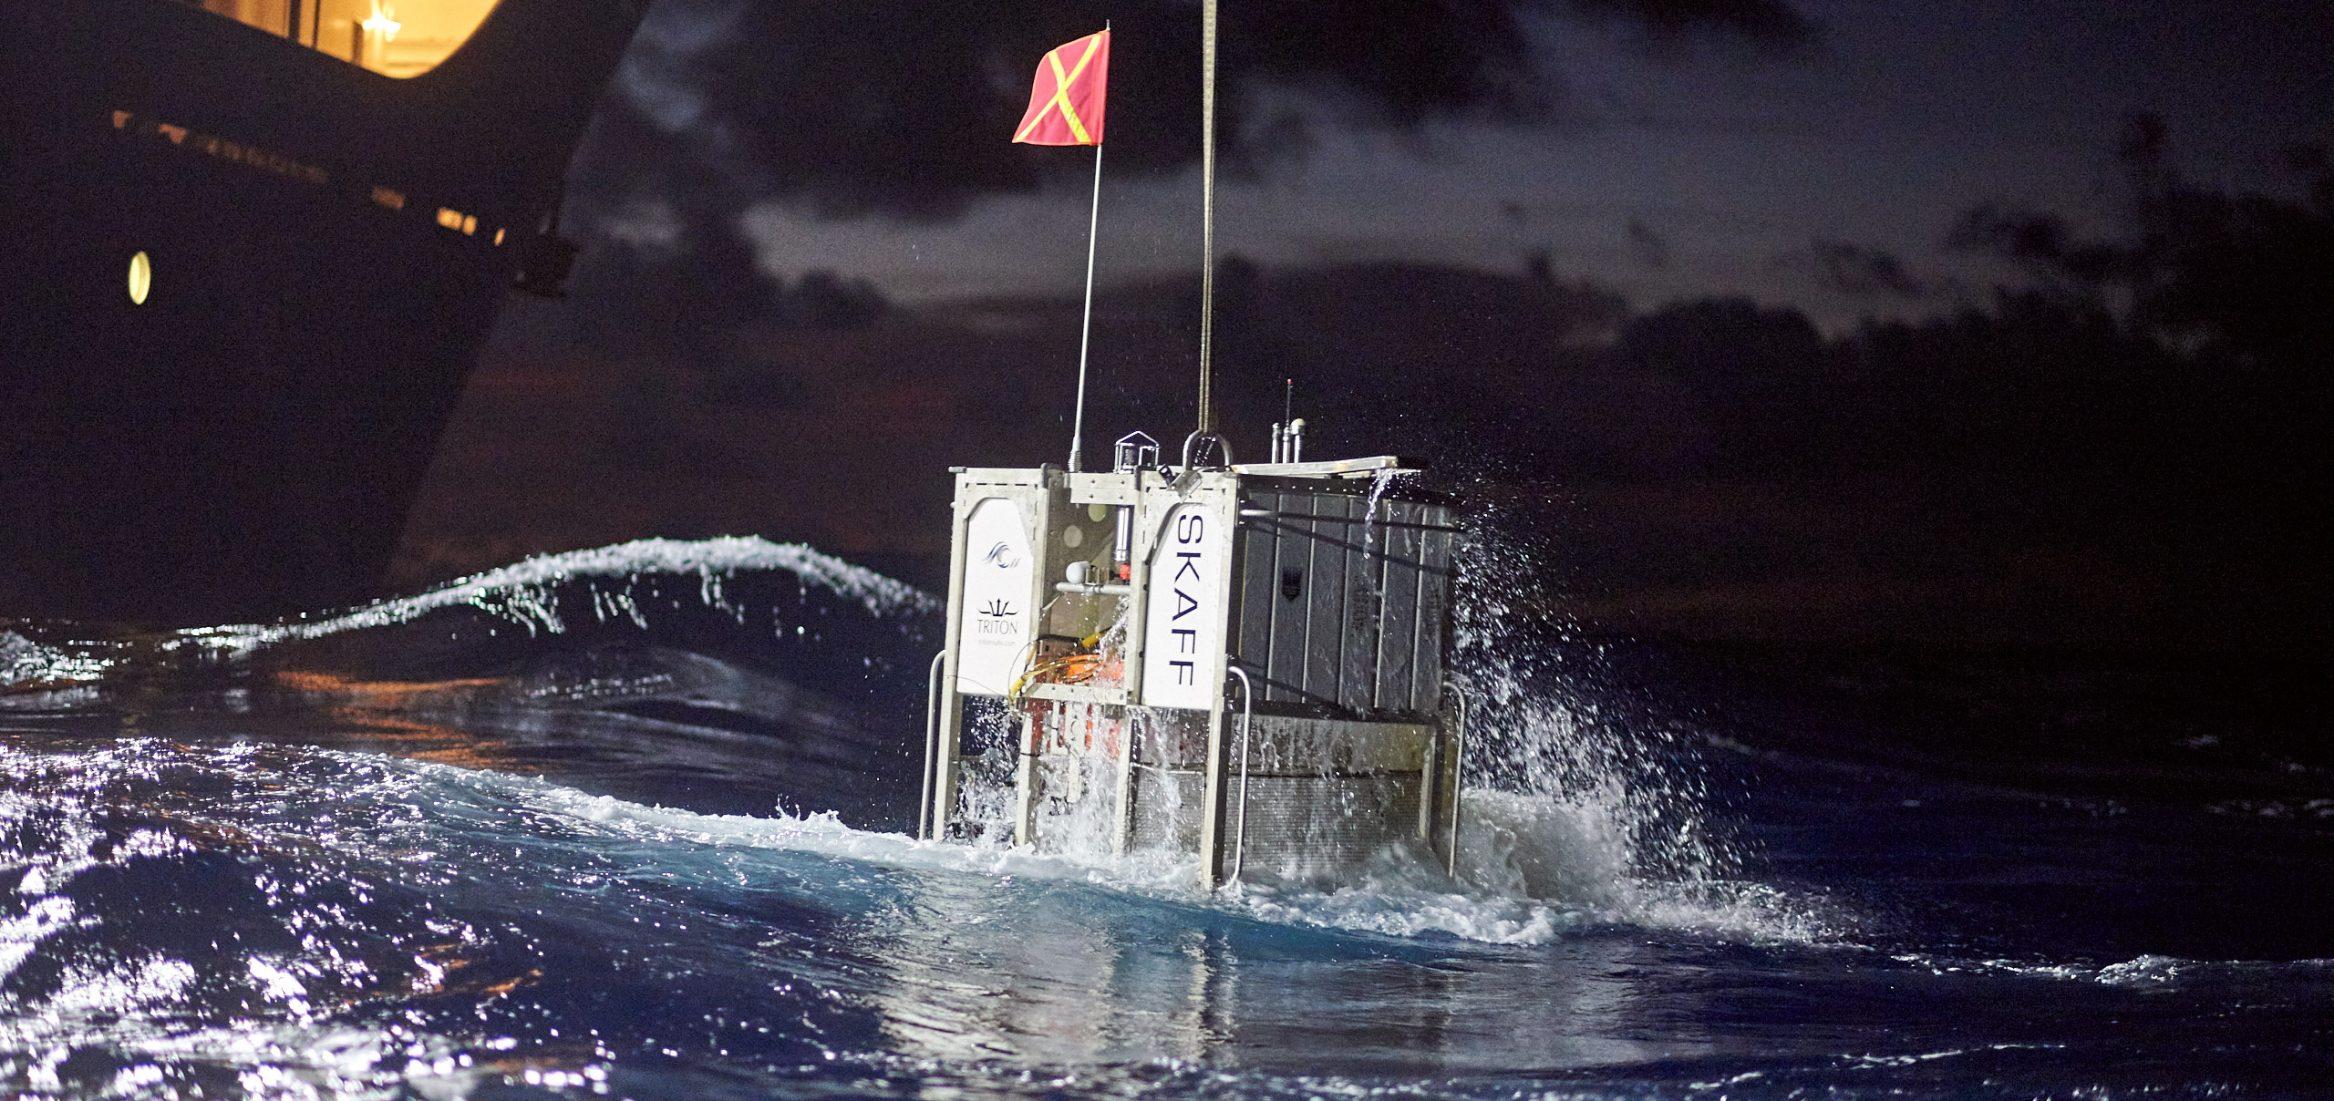 Mariana-trench-dive-submarine-triton